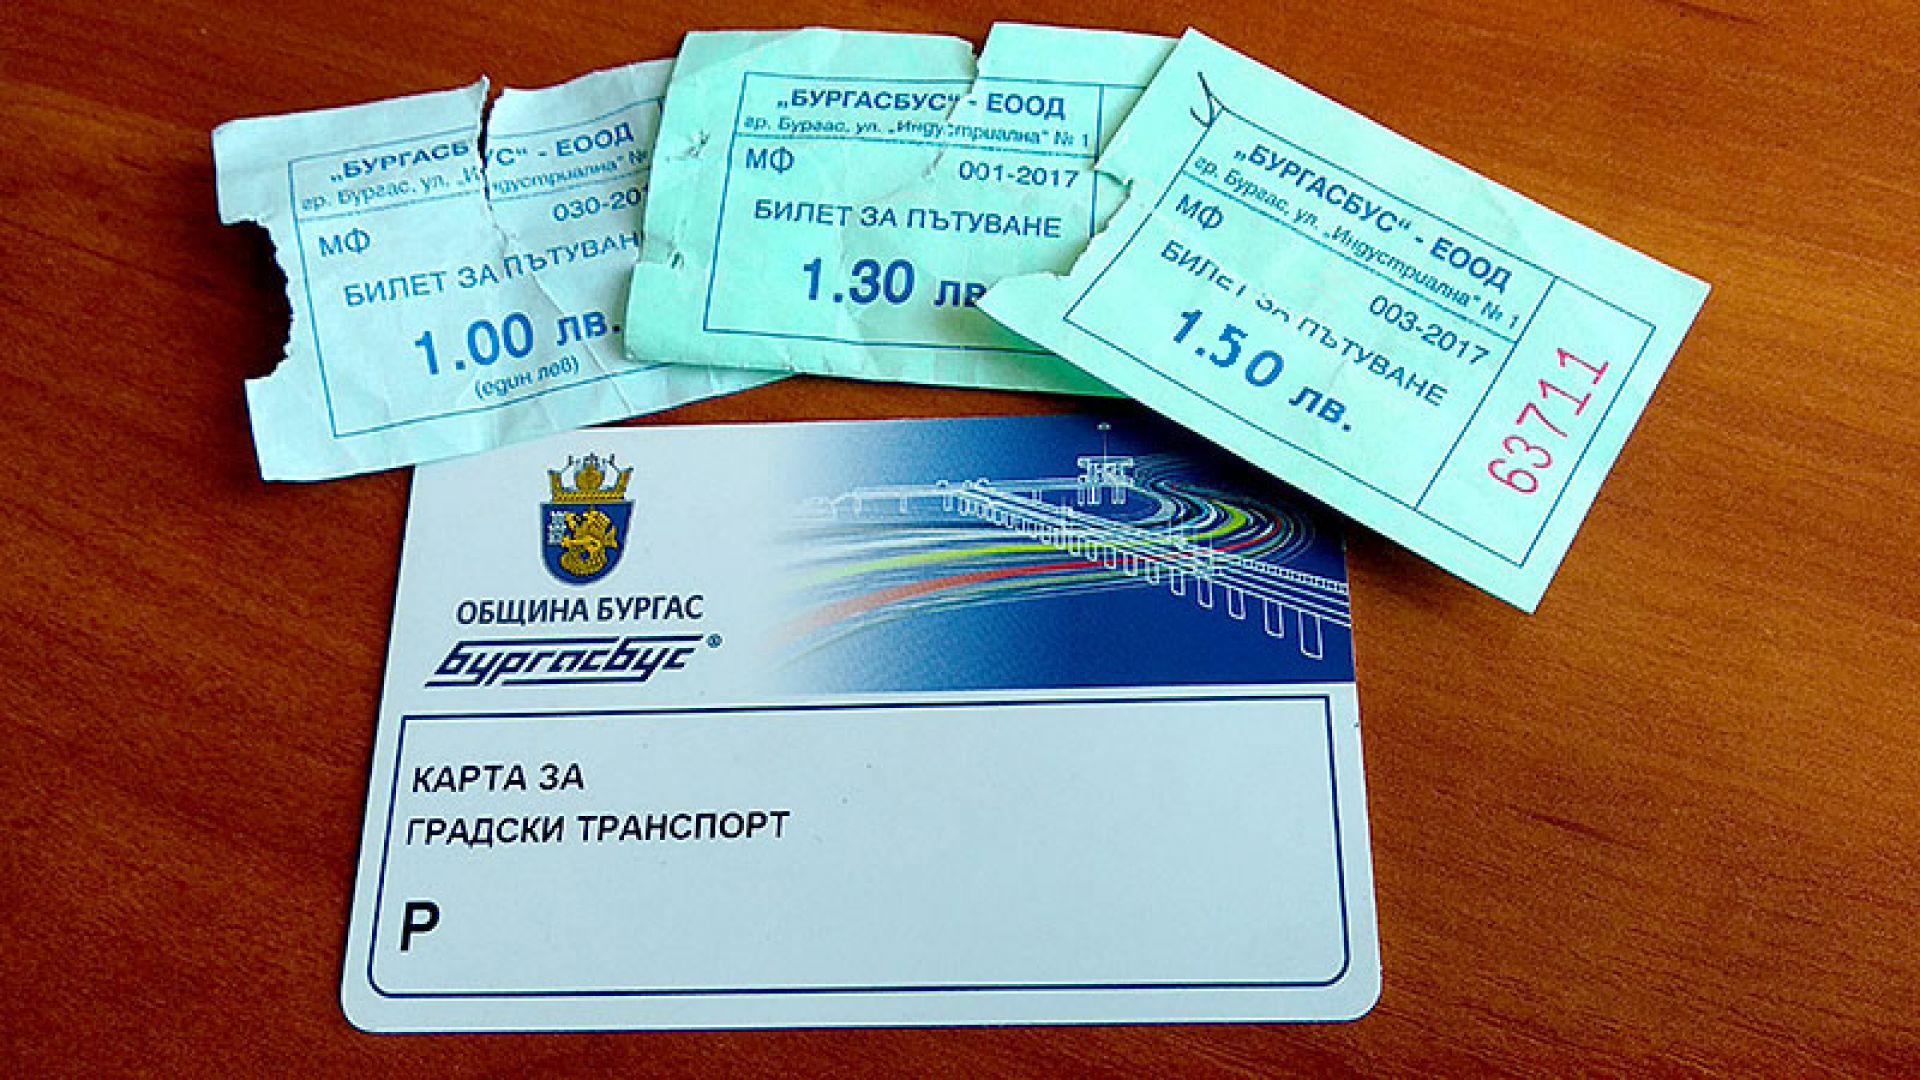 Хартиеният билет вече е 1.50 лв. в Бургас